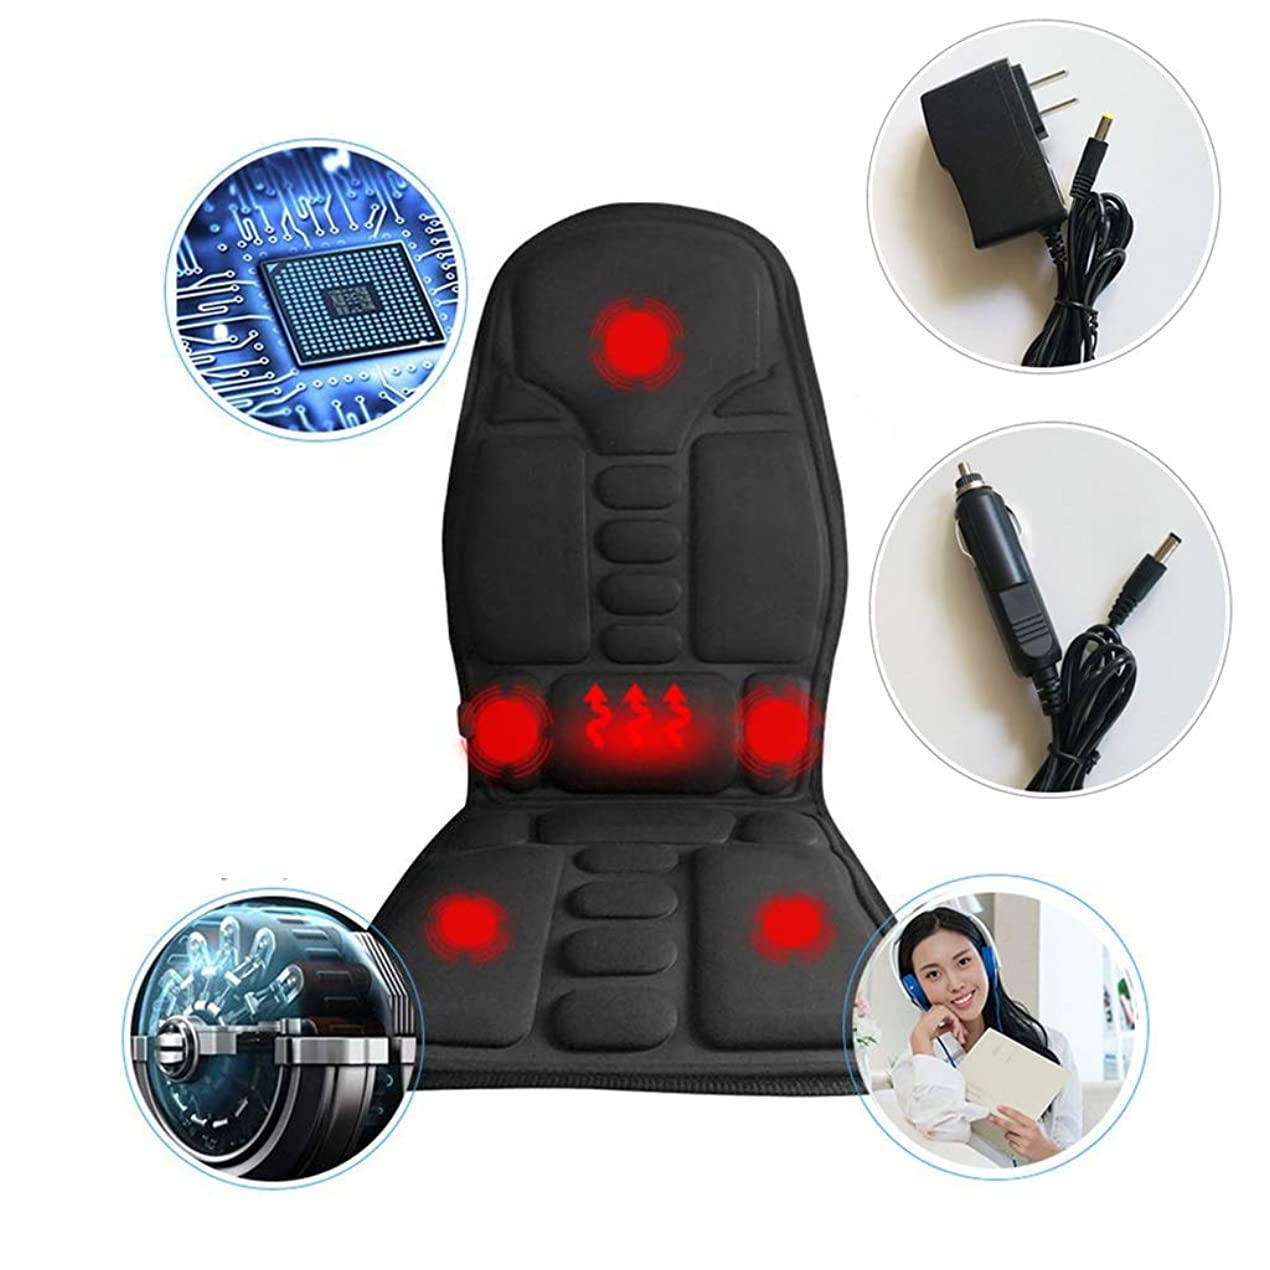 ハブ優勢帝国マッサージチェアパッド シートマッサージ、モーターマッサージクッション、熱を伴う5モーター振動マッサージシートクッション、ホームオフィスのカーシートの使用のために背中の肩や首の筋肉の痛みを和らげる バックマッサージャー